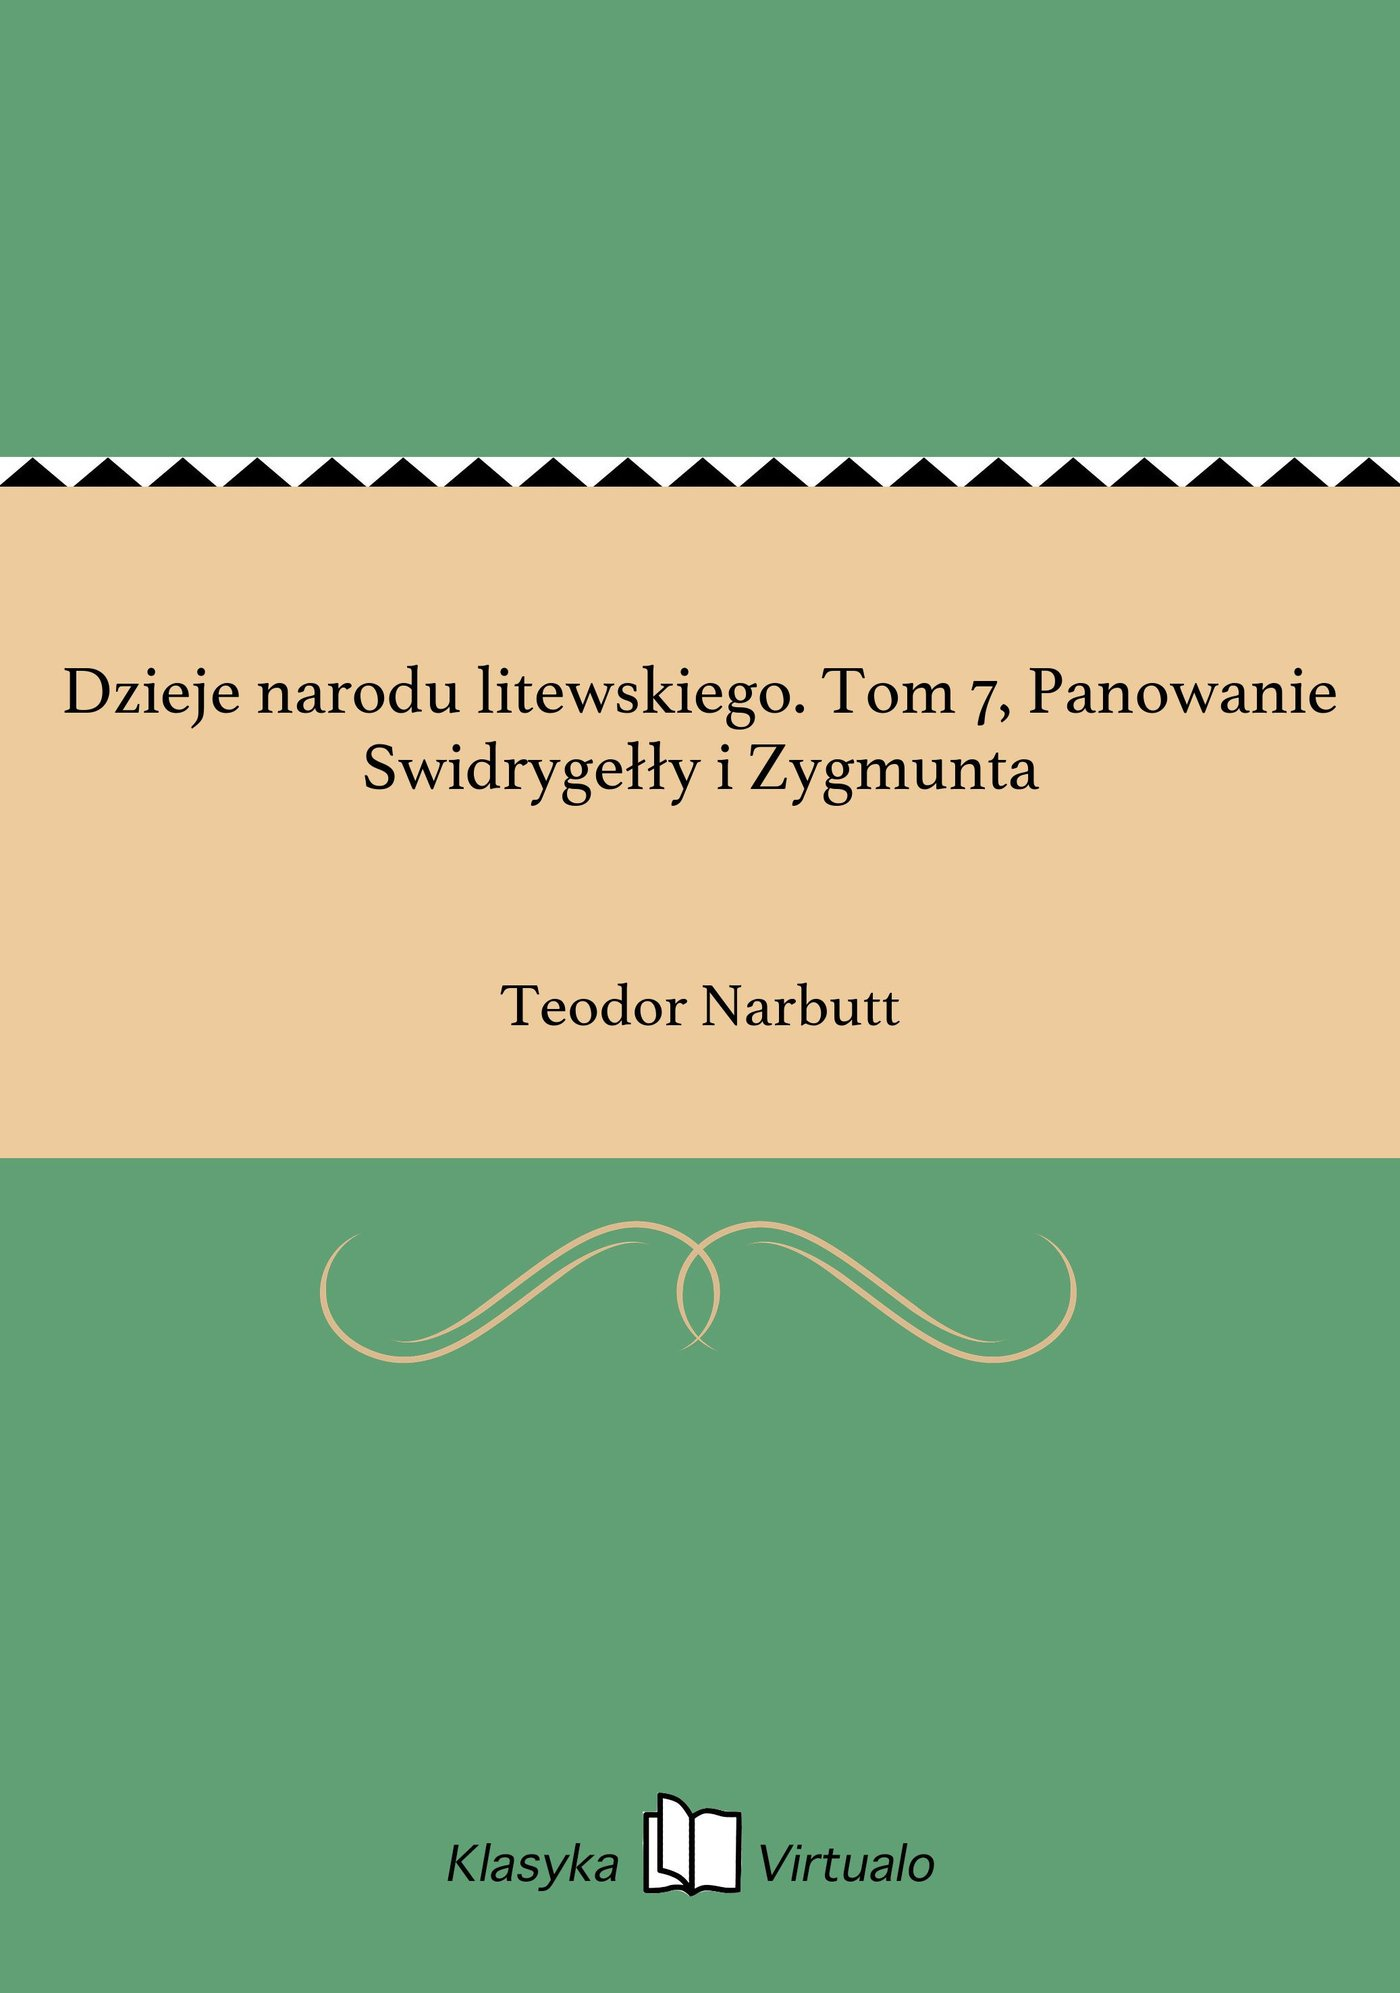 Dzieje narodu litewskiego. Tom 7, Panowanie Swidrygełły i Zygmunta - Ebook (Książka EPUB) do pobrania w formacie EPUB